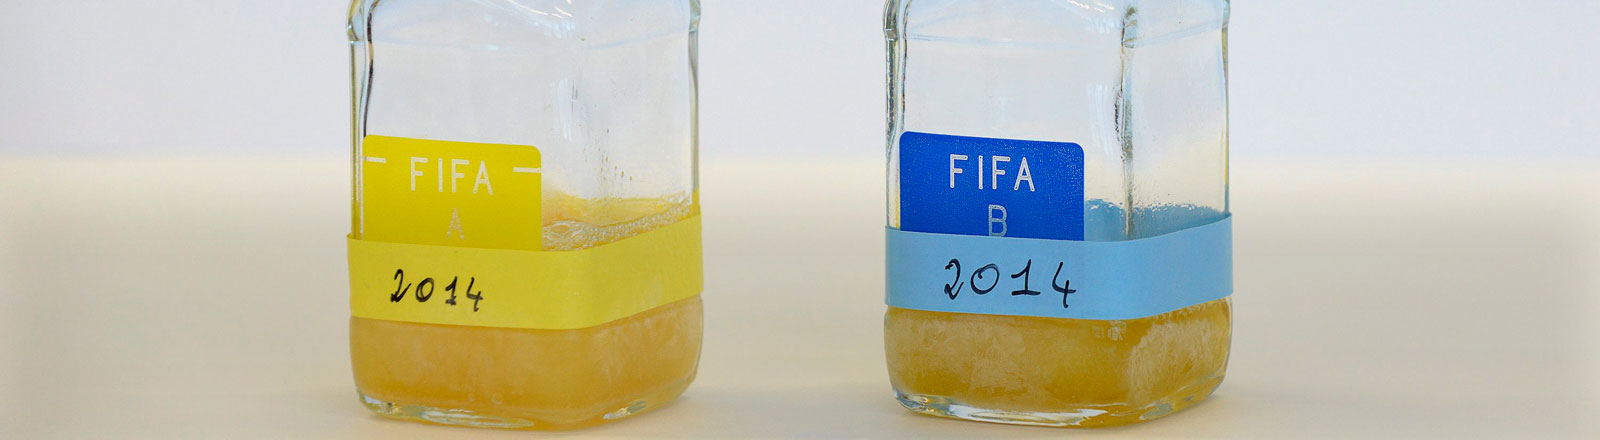 Urinproben bei der Fifa Fußball WM.